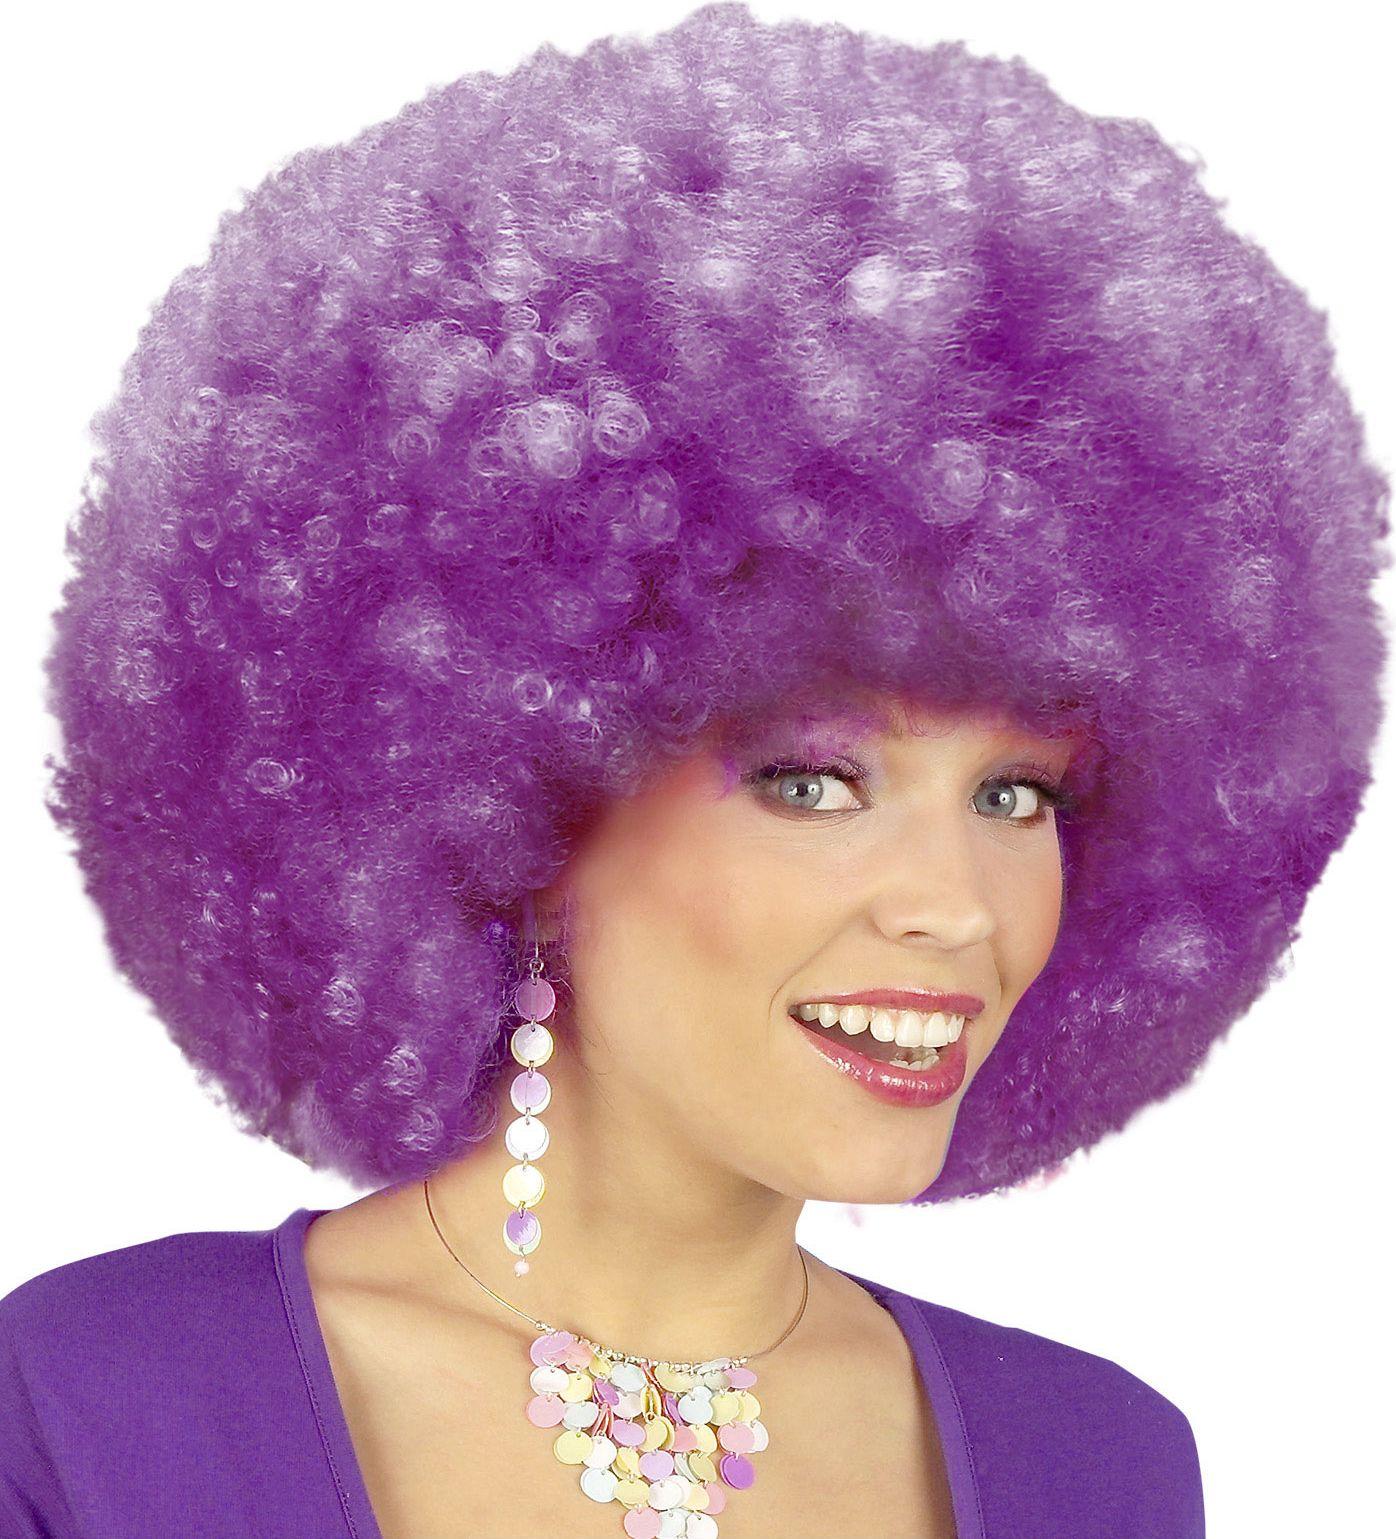 Afro pruik met krullen paars